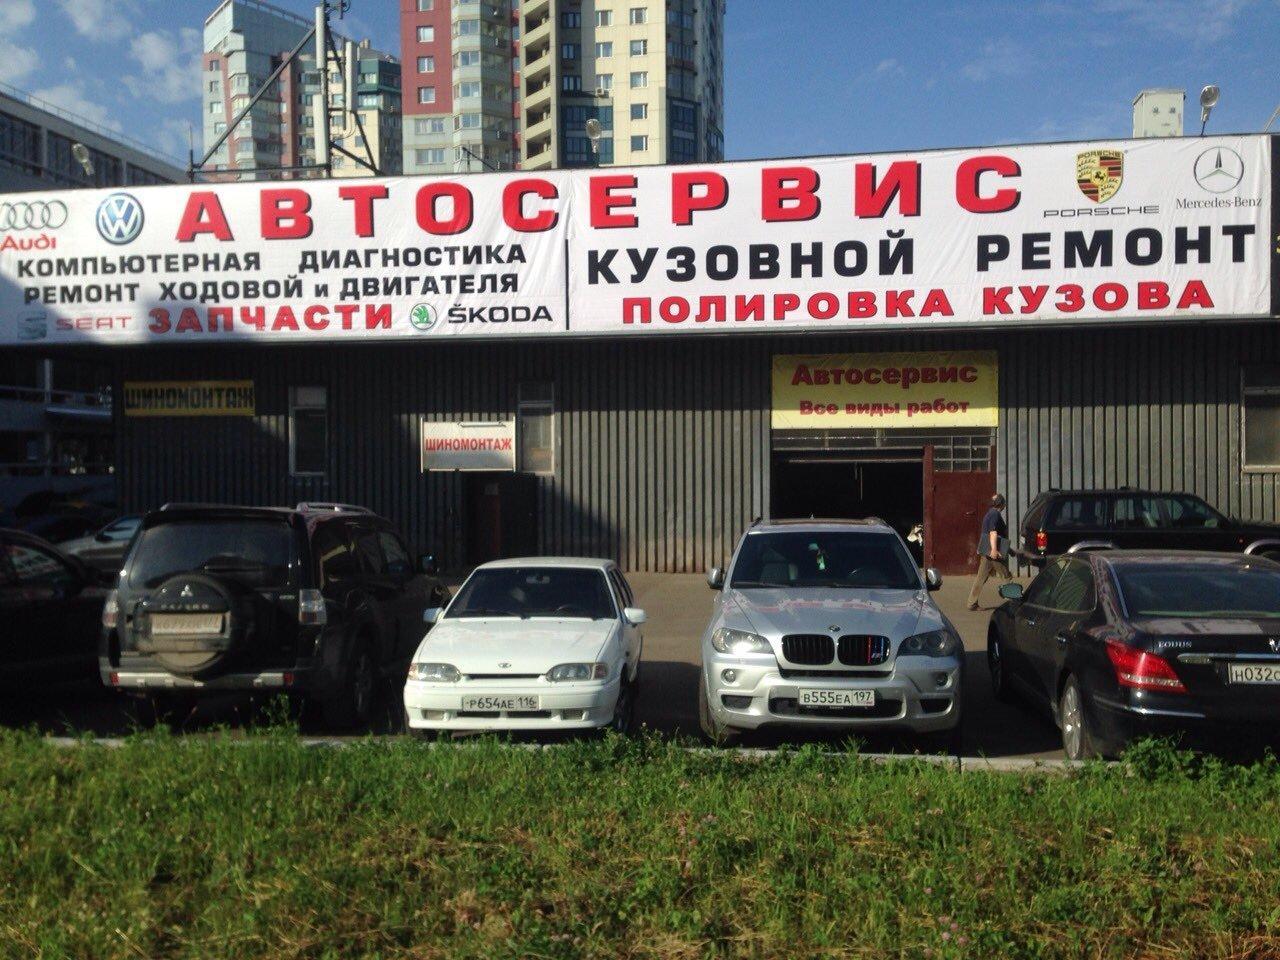 фотография Автосервиса кузовного ремонта Авто Запад Моторс на метро Юго-Западная